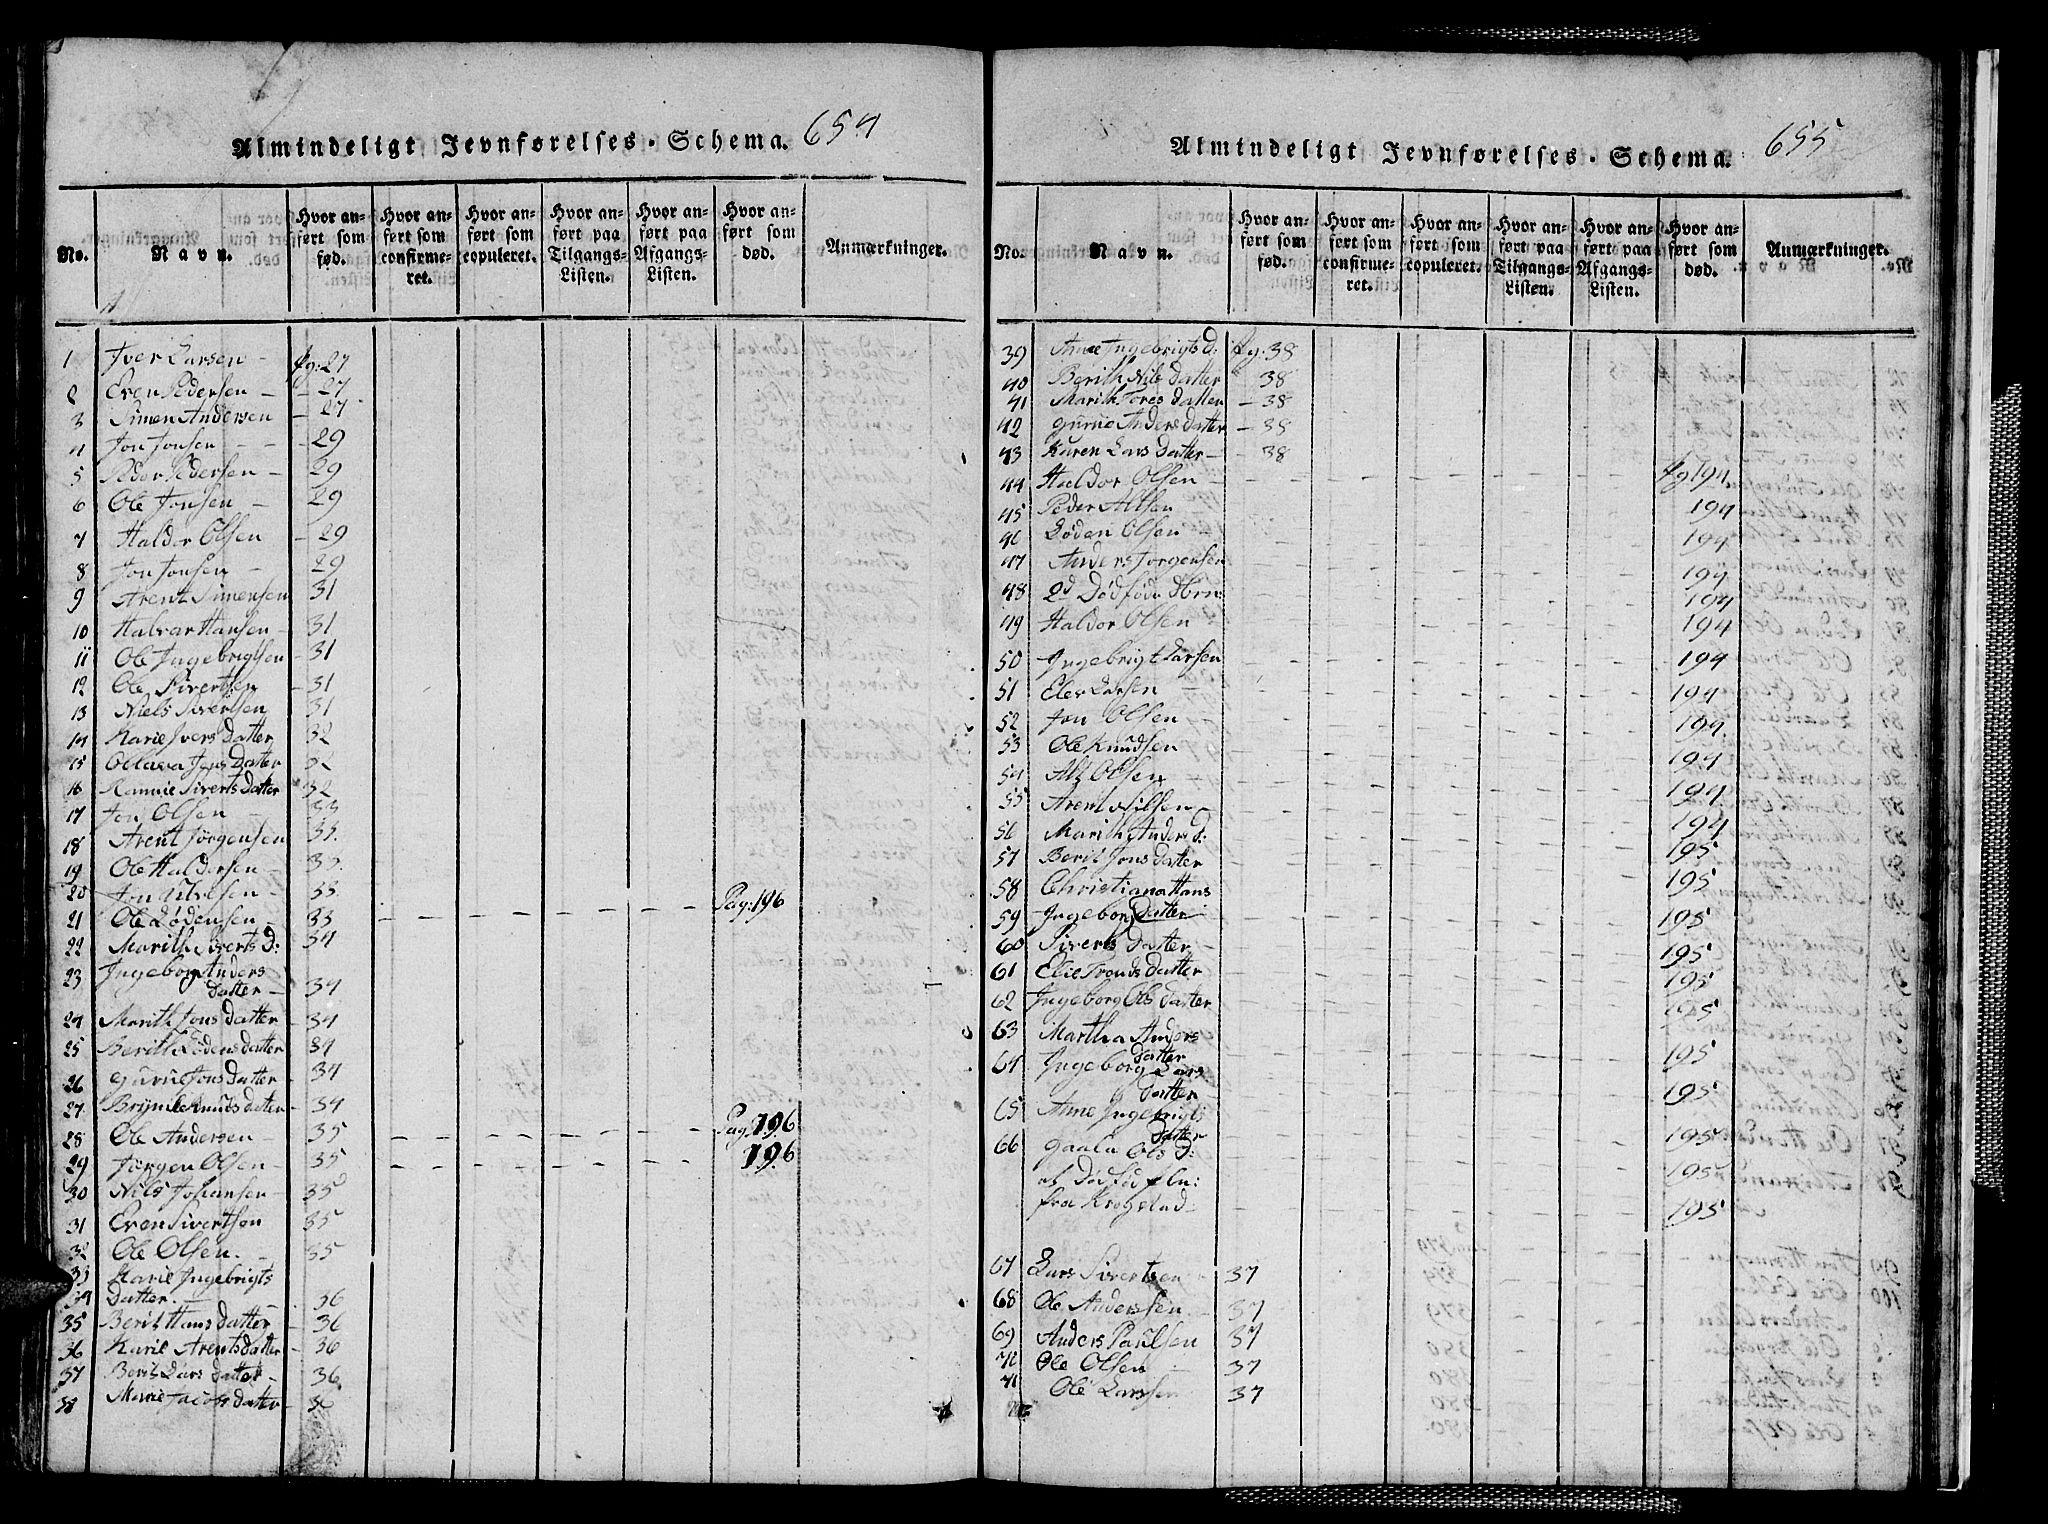 SAT, Ministerialprotokoller, klokkerbøker og fødselsregistre - Sør-Trøndelag, 667/L0796: Klokkerbok nr. 667C01, 1817-1836, s. 654-655